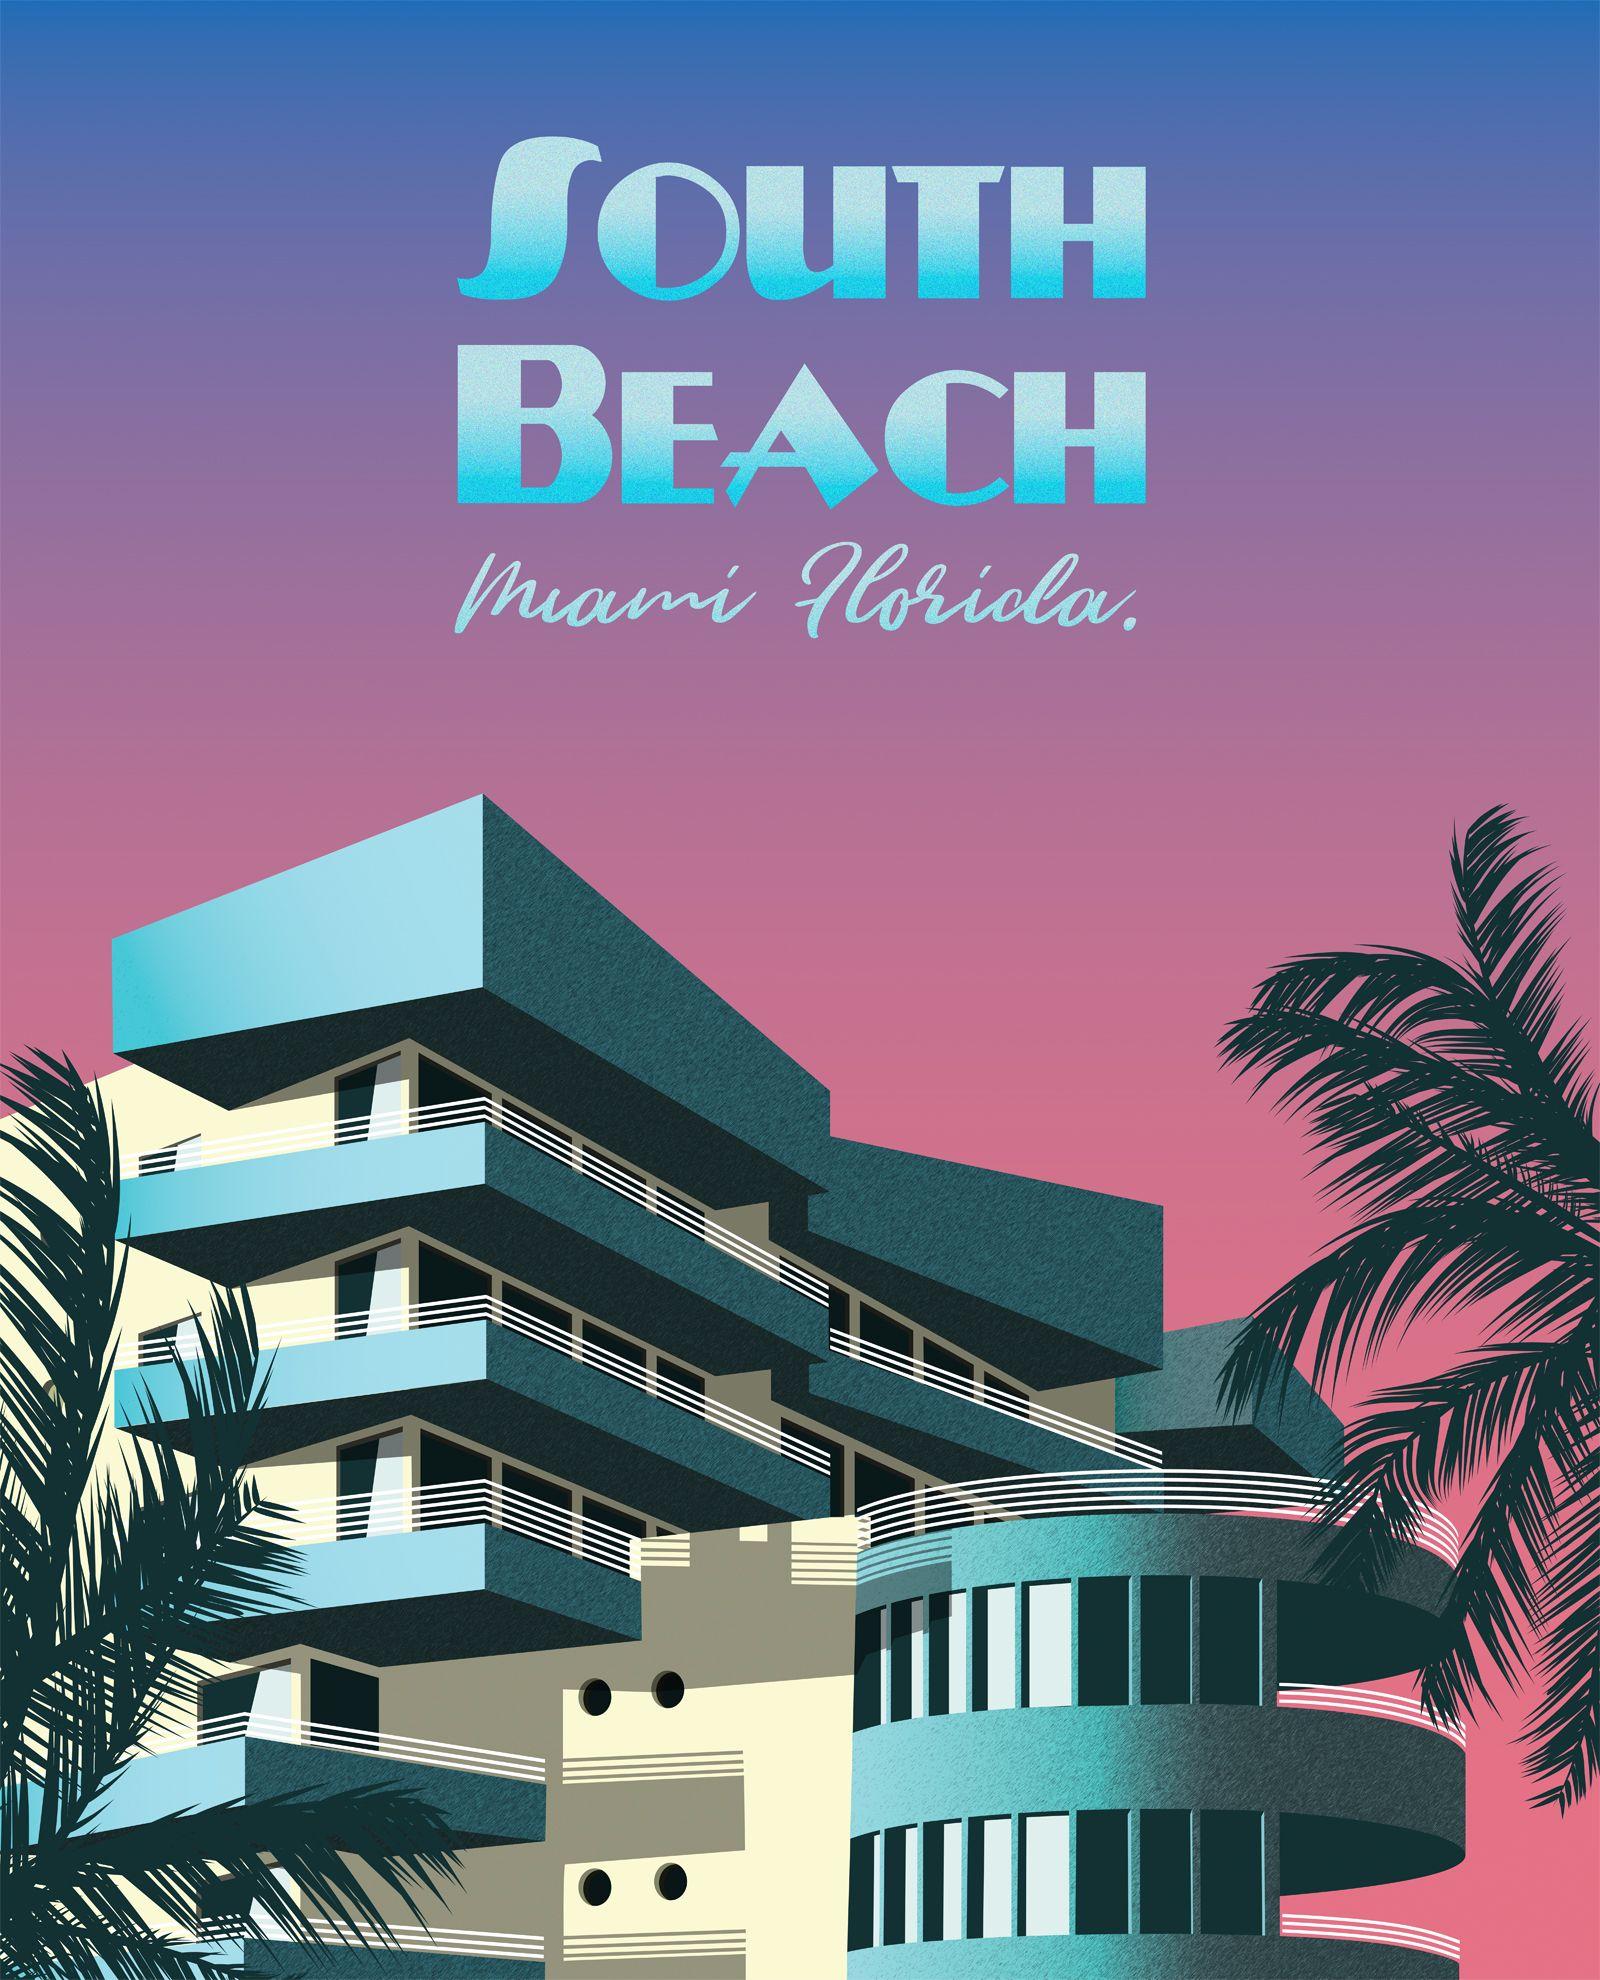 South Beach Miami Retro Travel Poster Miami Art Deco Florida Art Deco Retro Travel Poster